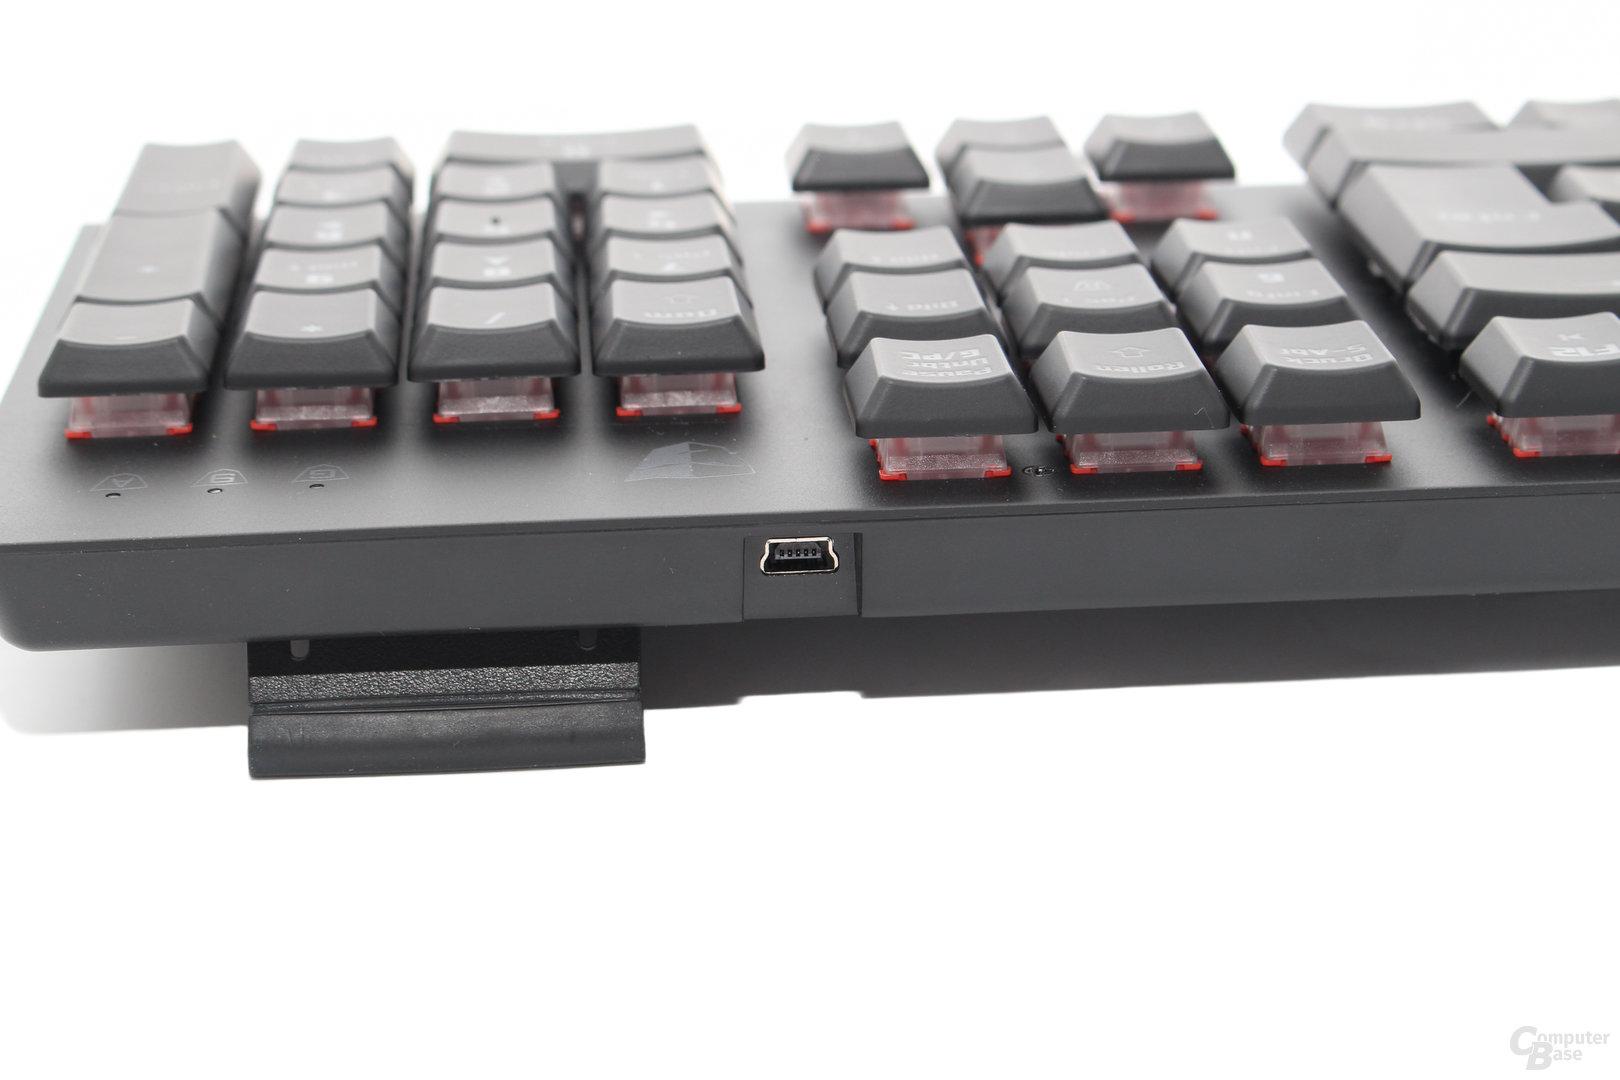 Mini-USB-Stecker auf der Rückseite